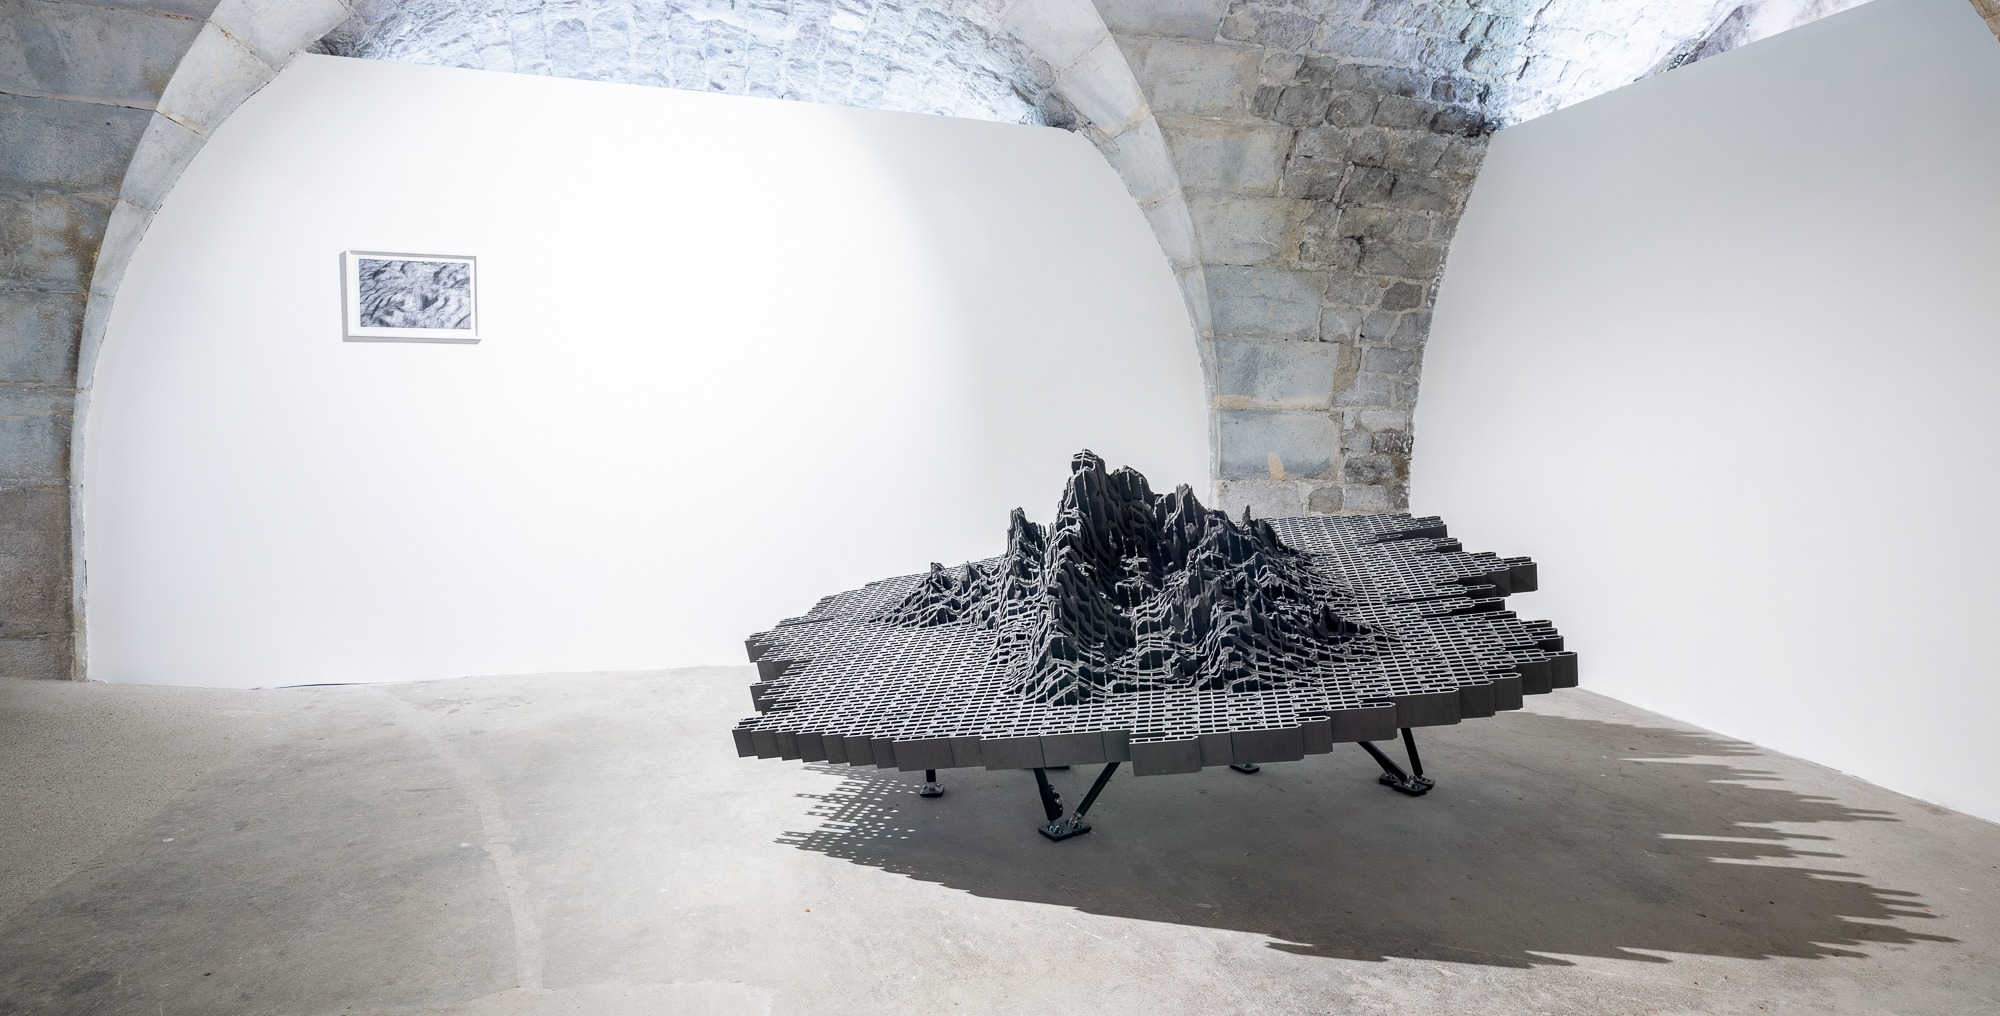 Oeuvre de l'exposition terrains incertains à Grenoble